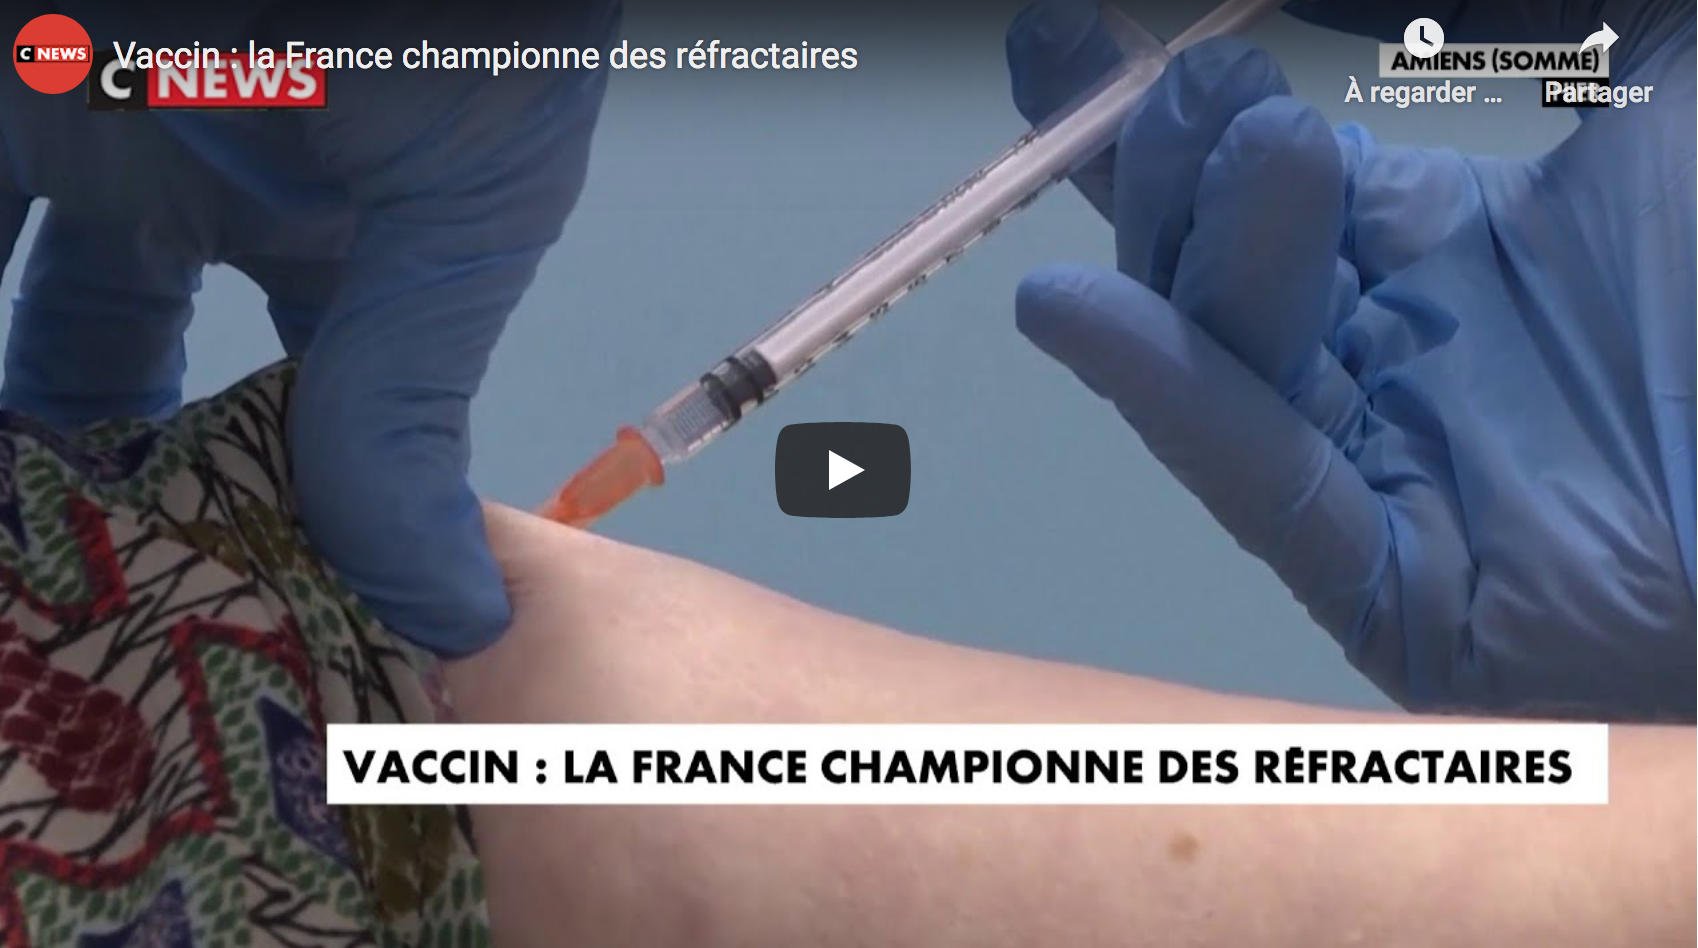 Covid-19 : « Vacciner des gens qui ont des anticorps, c'est une aberration », rappelle Véronique Rogez (VIDÉO)